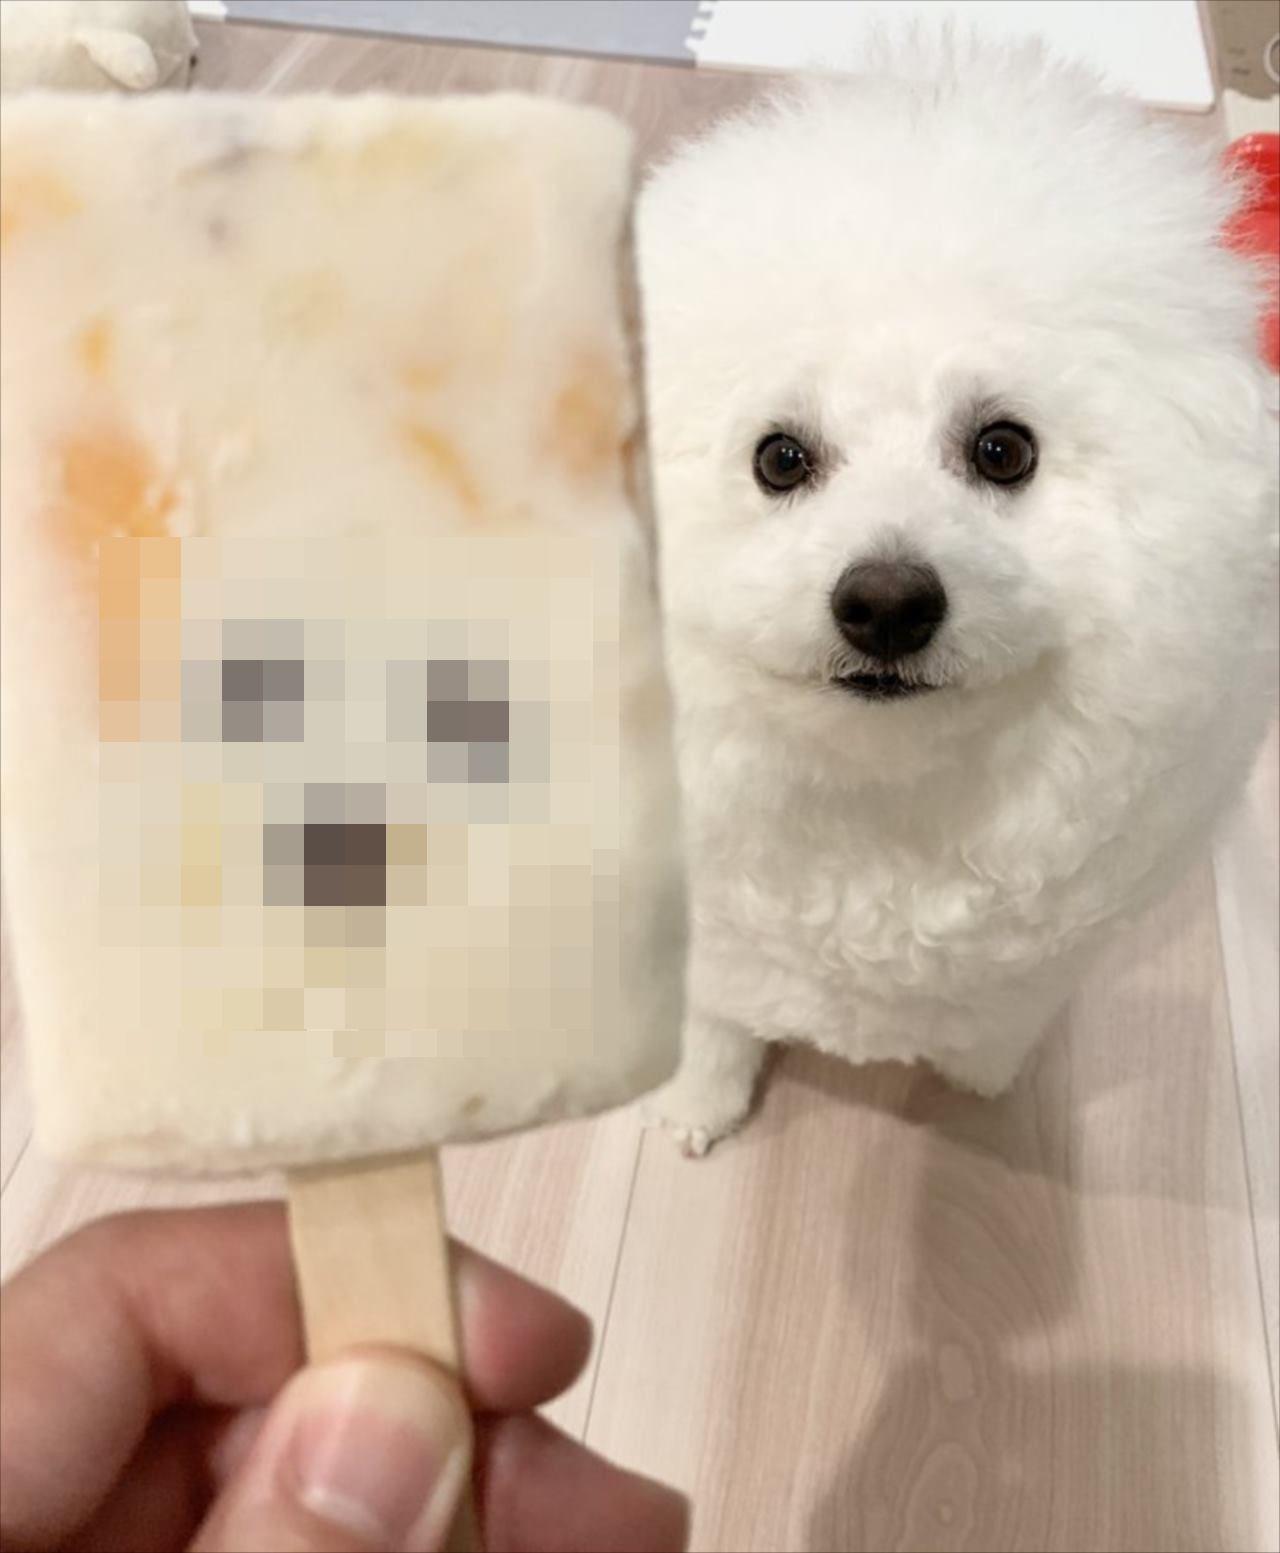 【激似】アイスを食べようとしたら・・・その中に愛犬が封印されていた?!